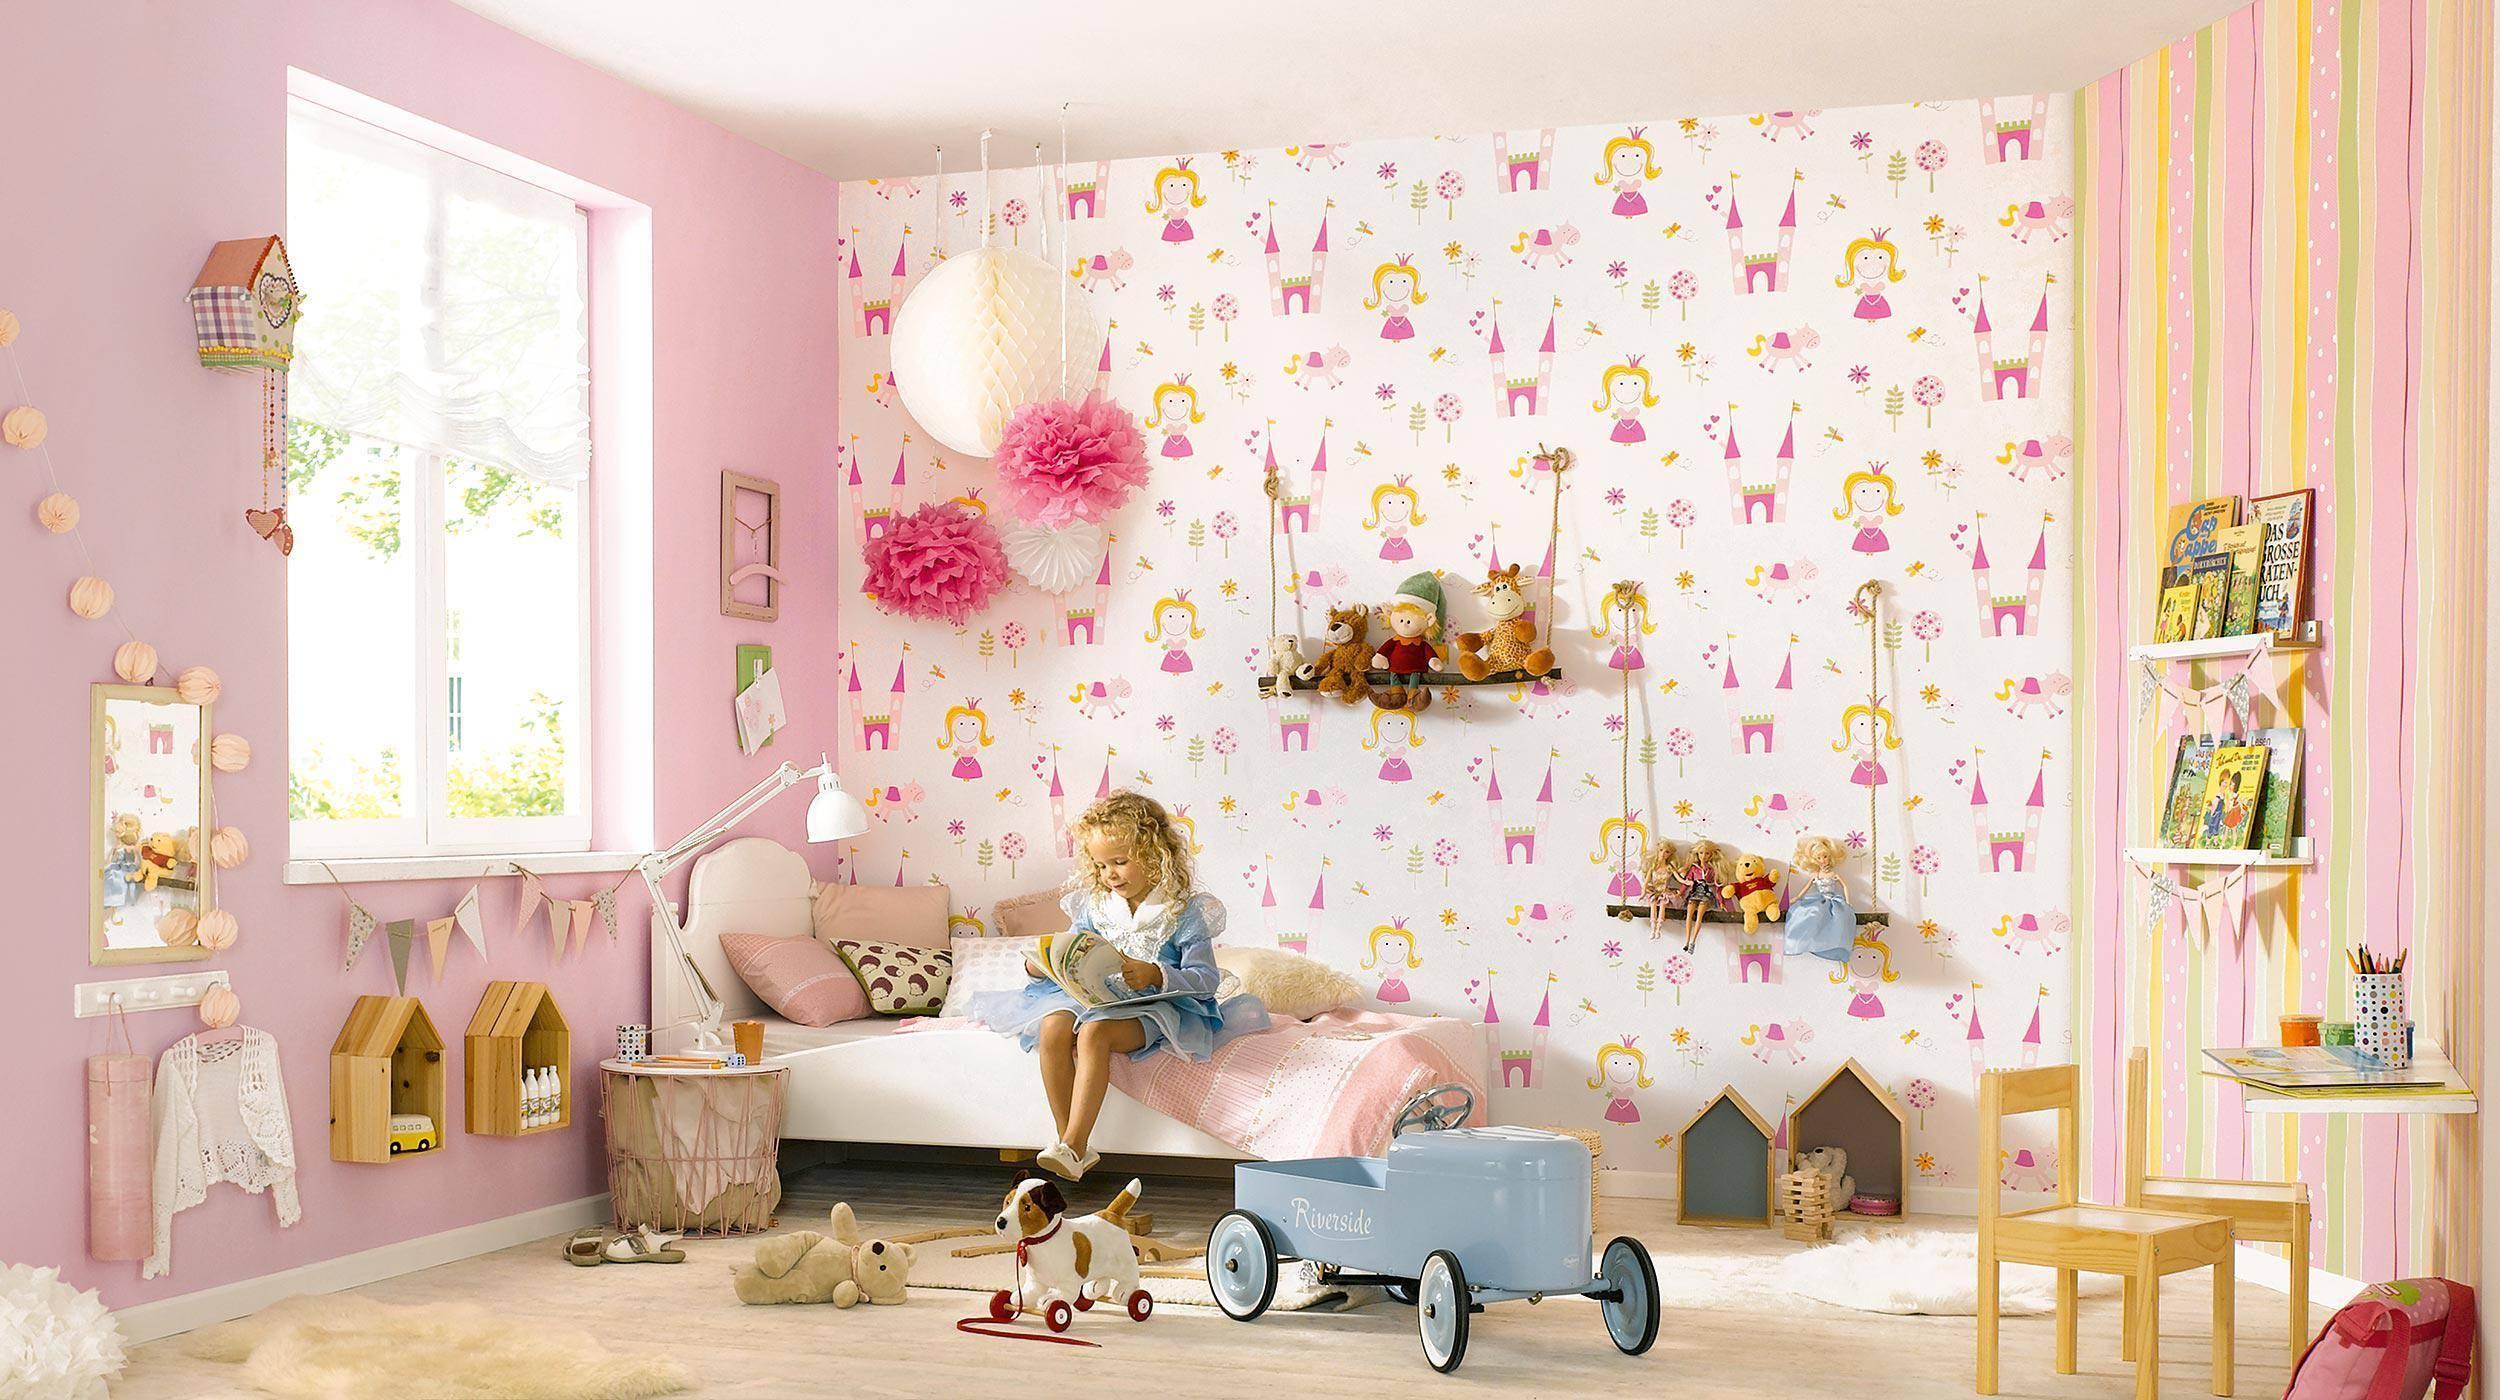 Фотообои в детскую комнату: 6 советов по выбору | строительный блог вити петрова